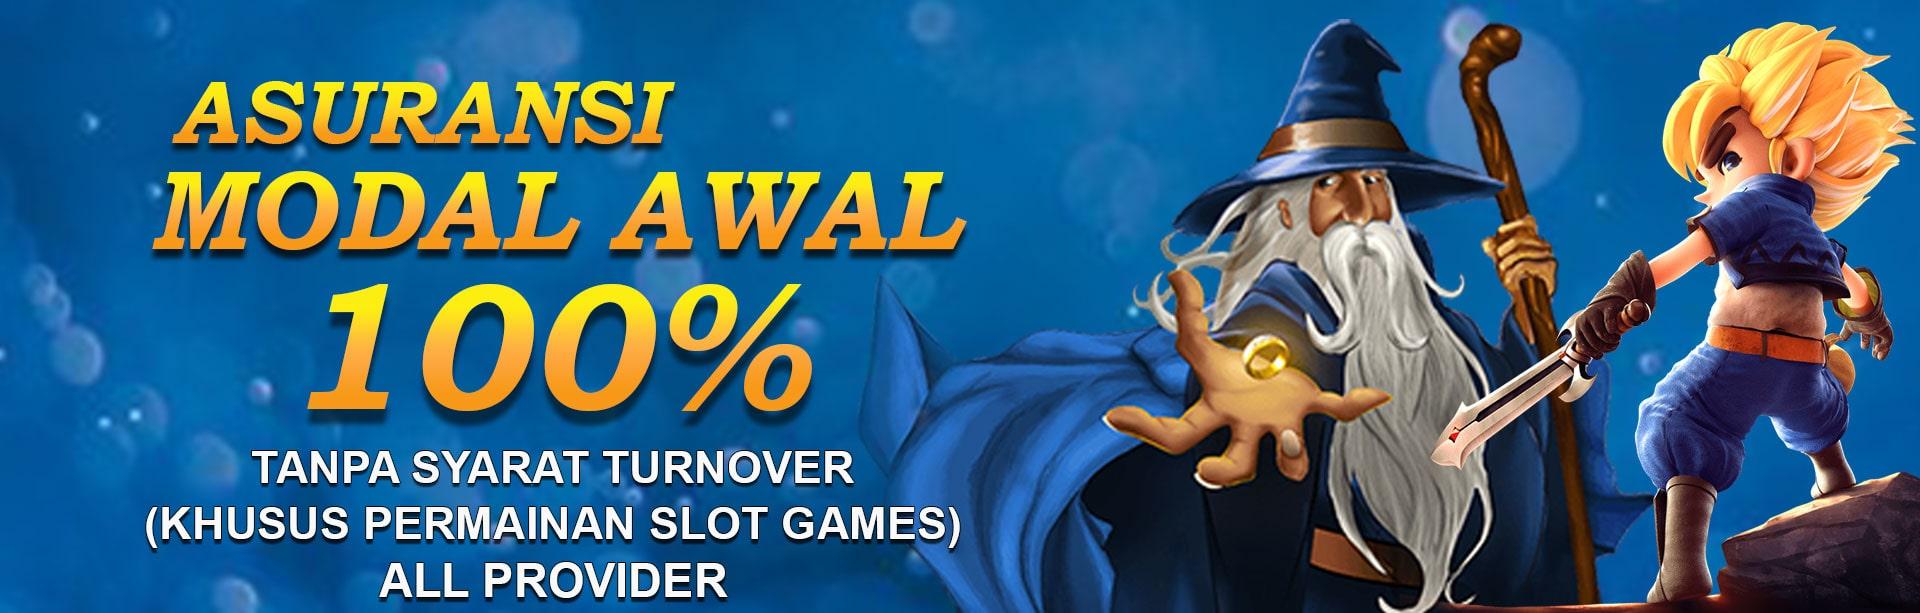 SBYSLOT - Asuransi Modal Awal Slot Games